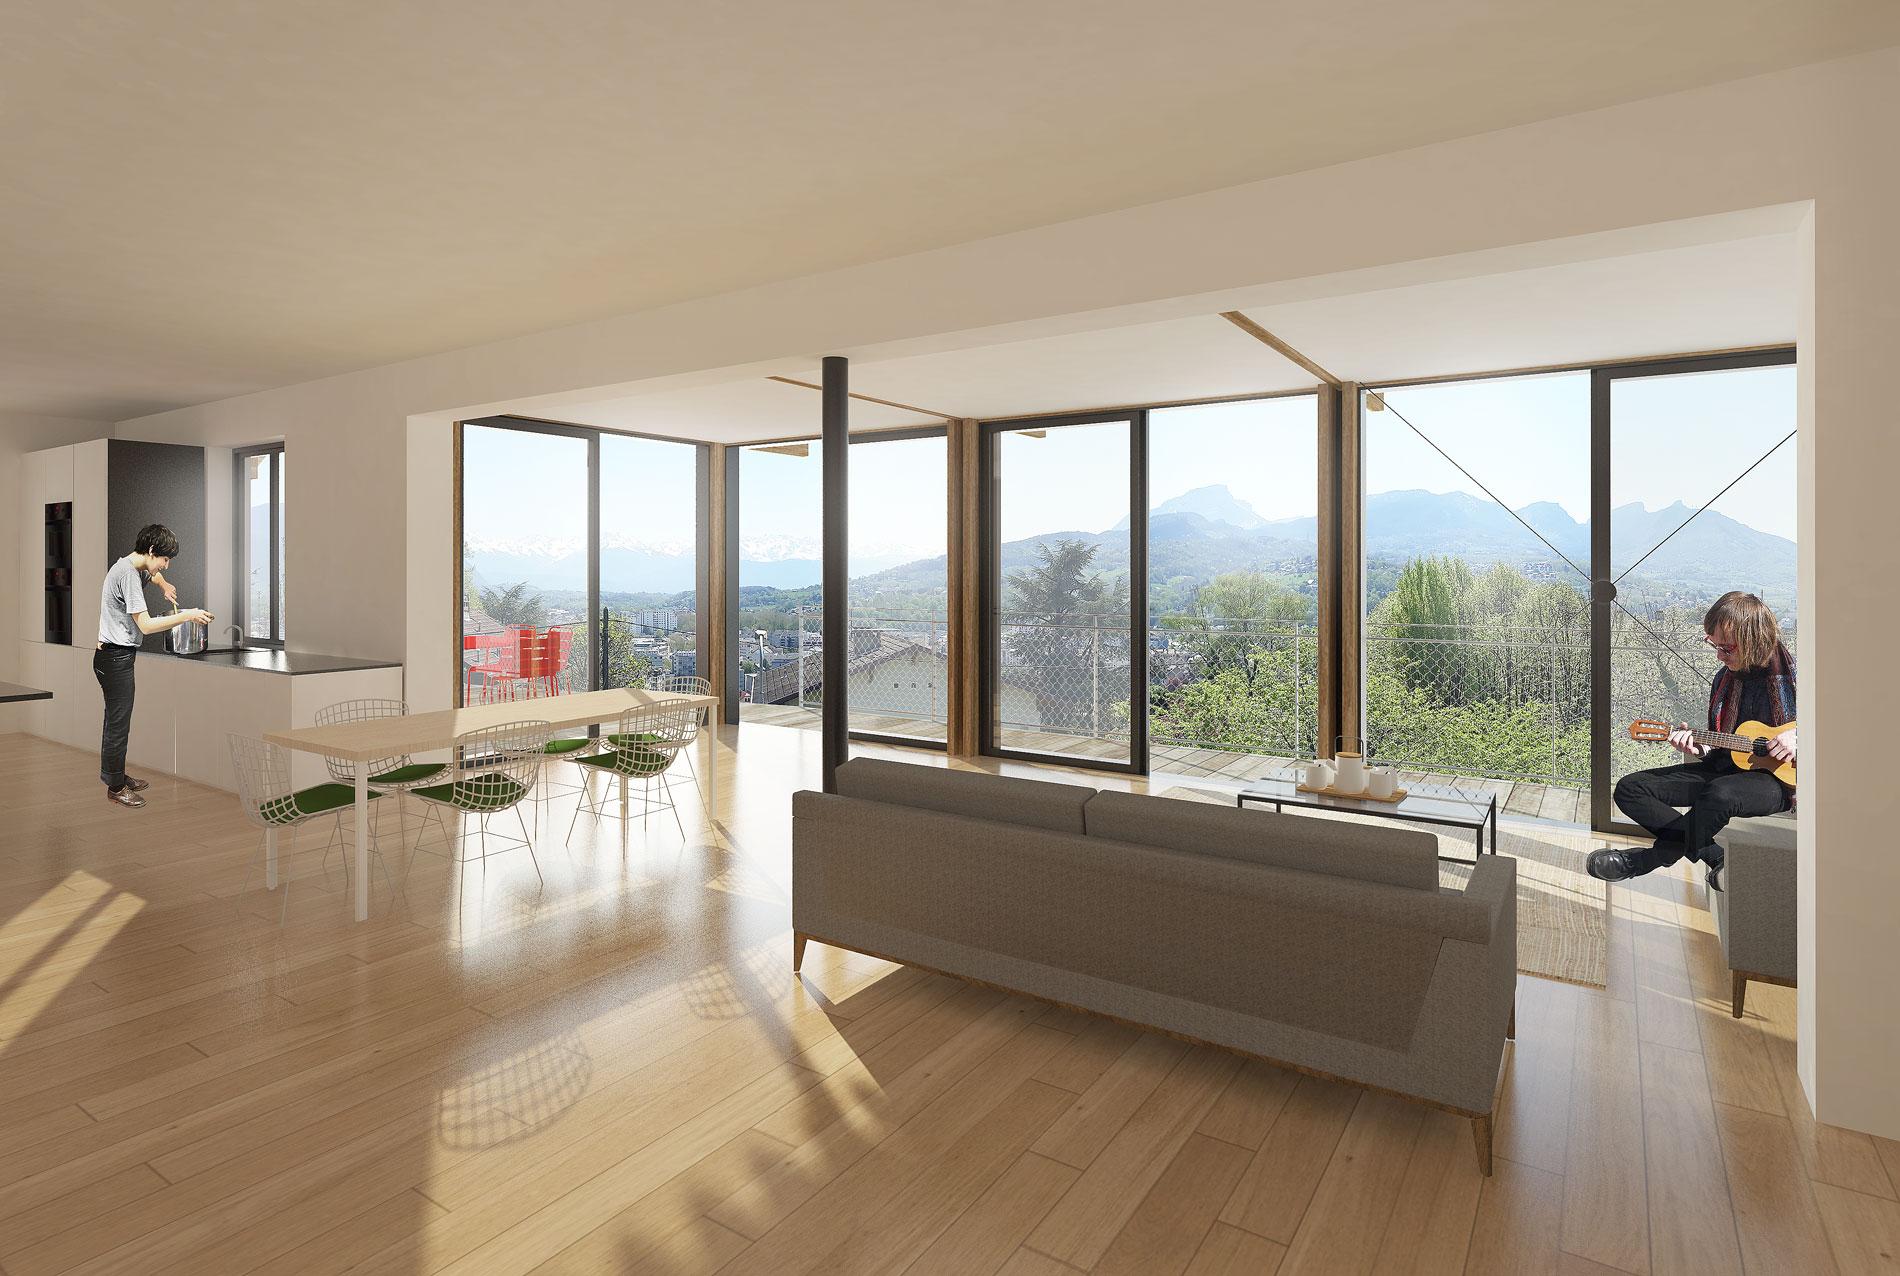 asb-architecture-extension-maison-chambery-les-monts-savoie-2-interieur